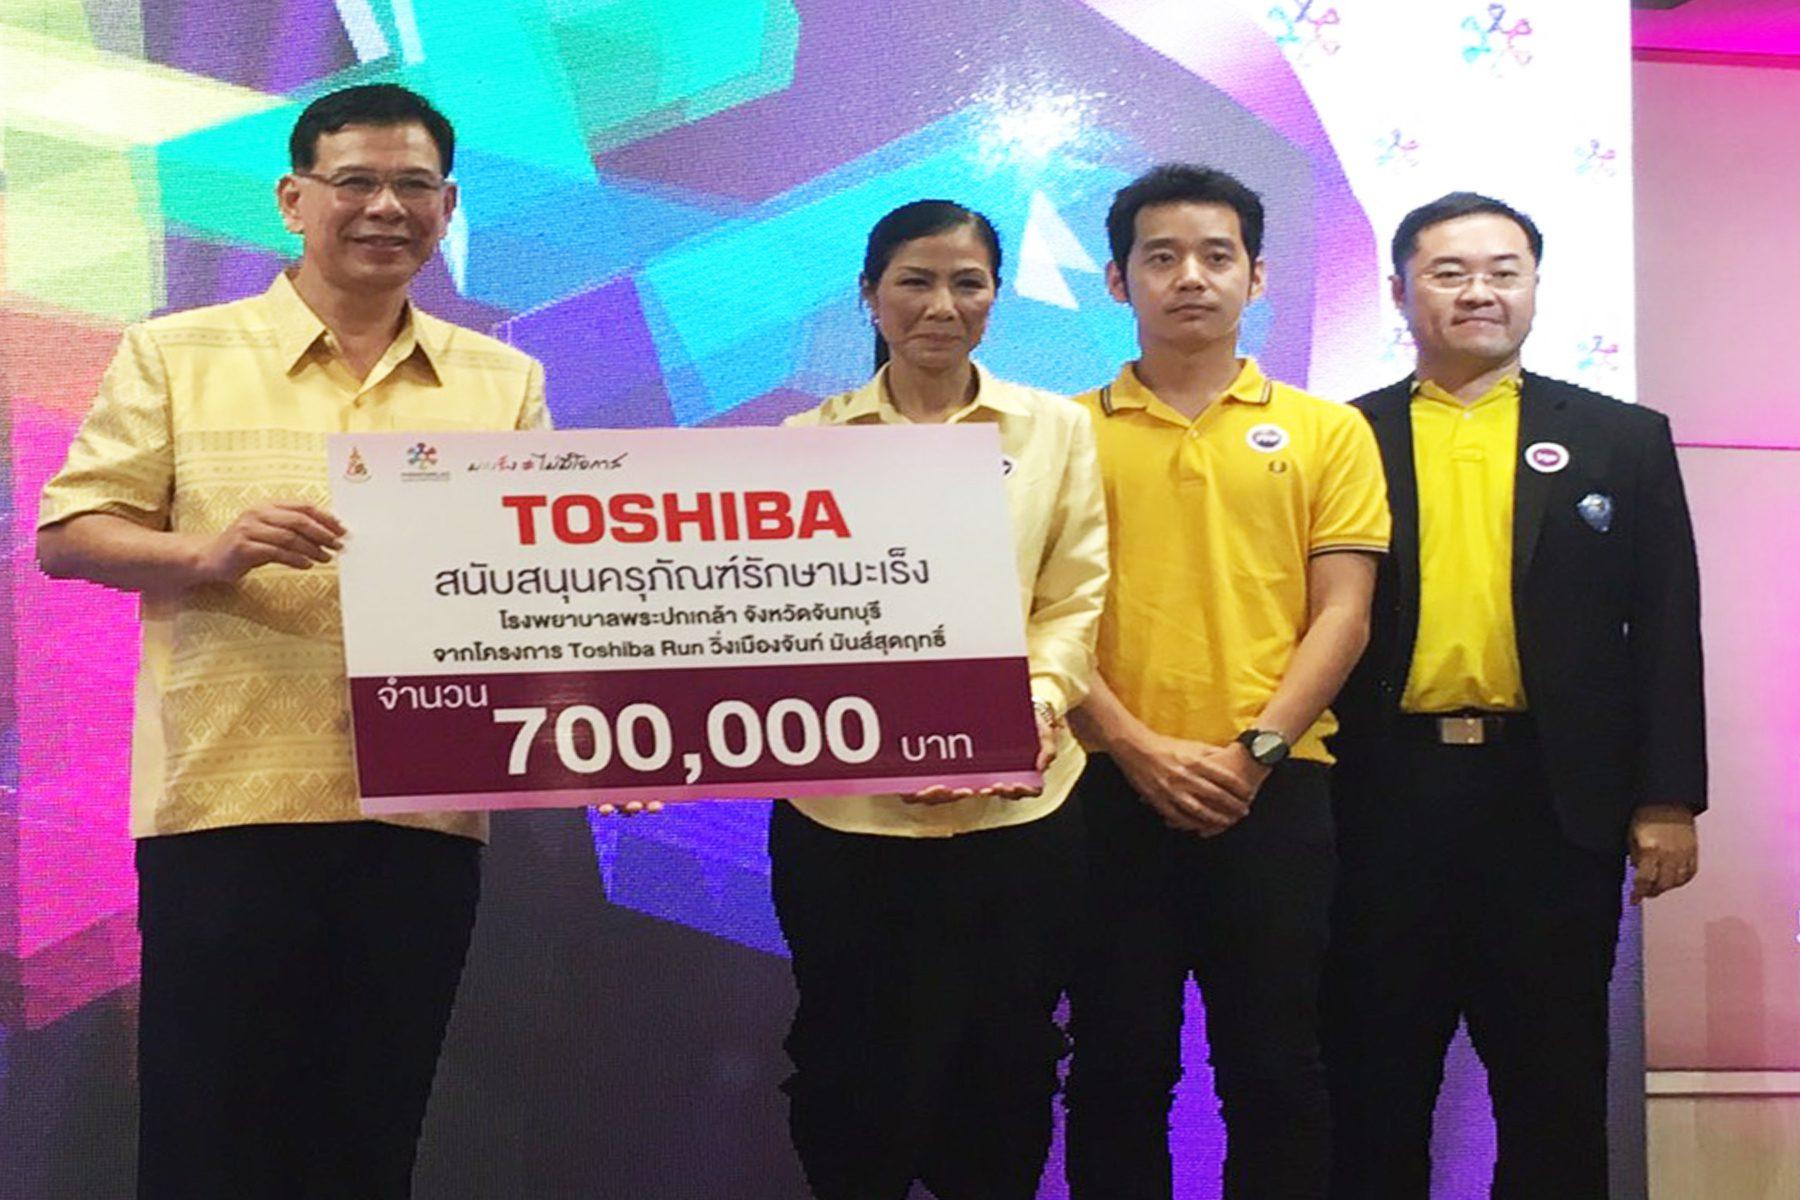 มอบเงินบริจาคจาก TOSHIBA RUN จันทบุรี